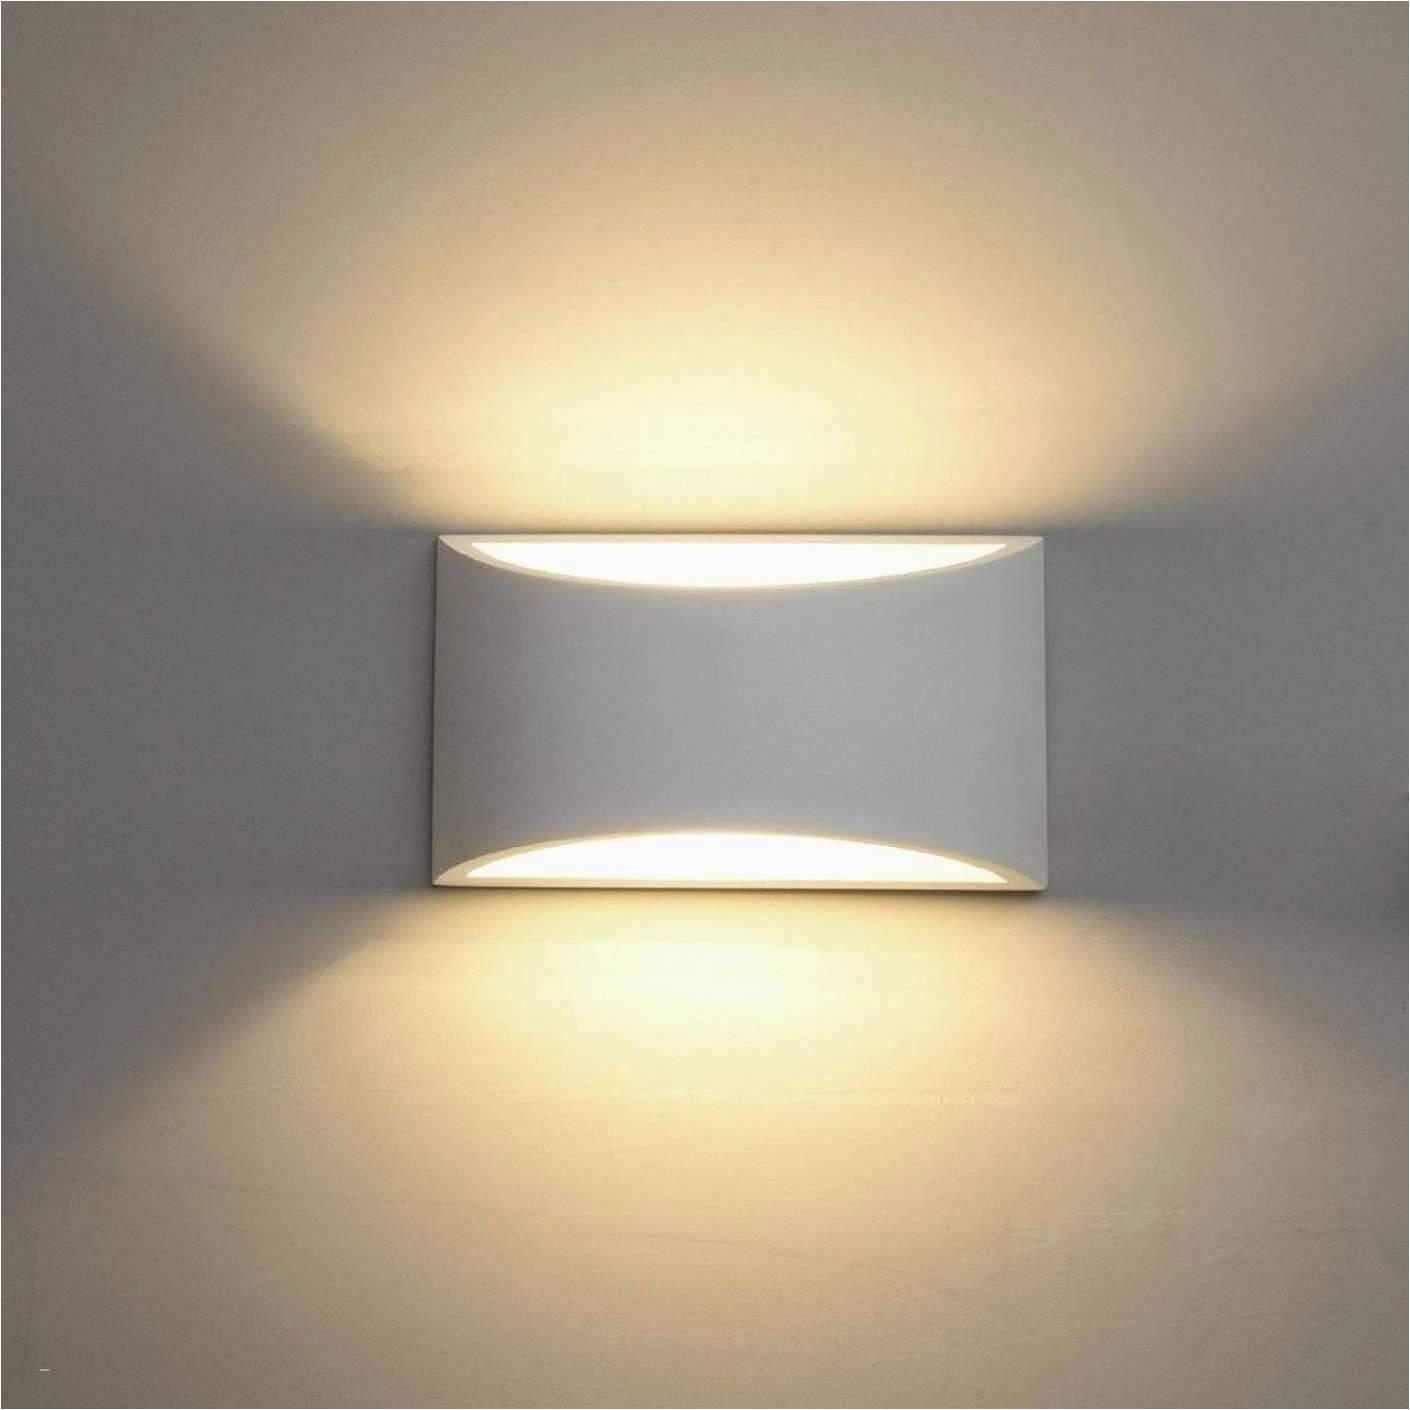 wohnzimmer lampen neu led lampen wohnzimmer genial deckenlampe schlafzimmer 0d of wohnzimmer lampen